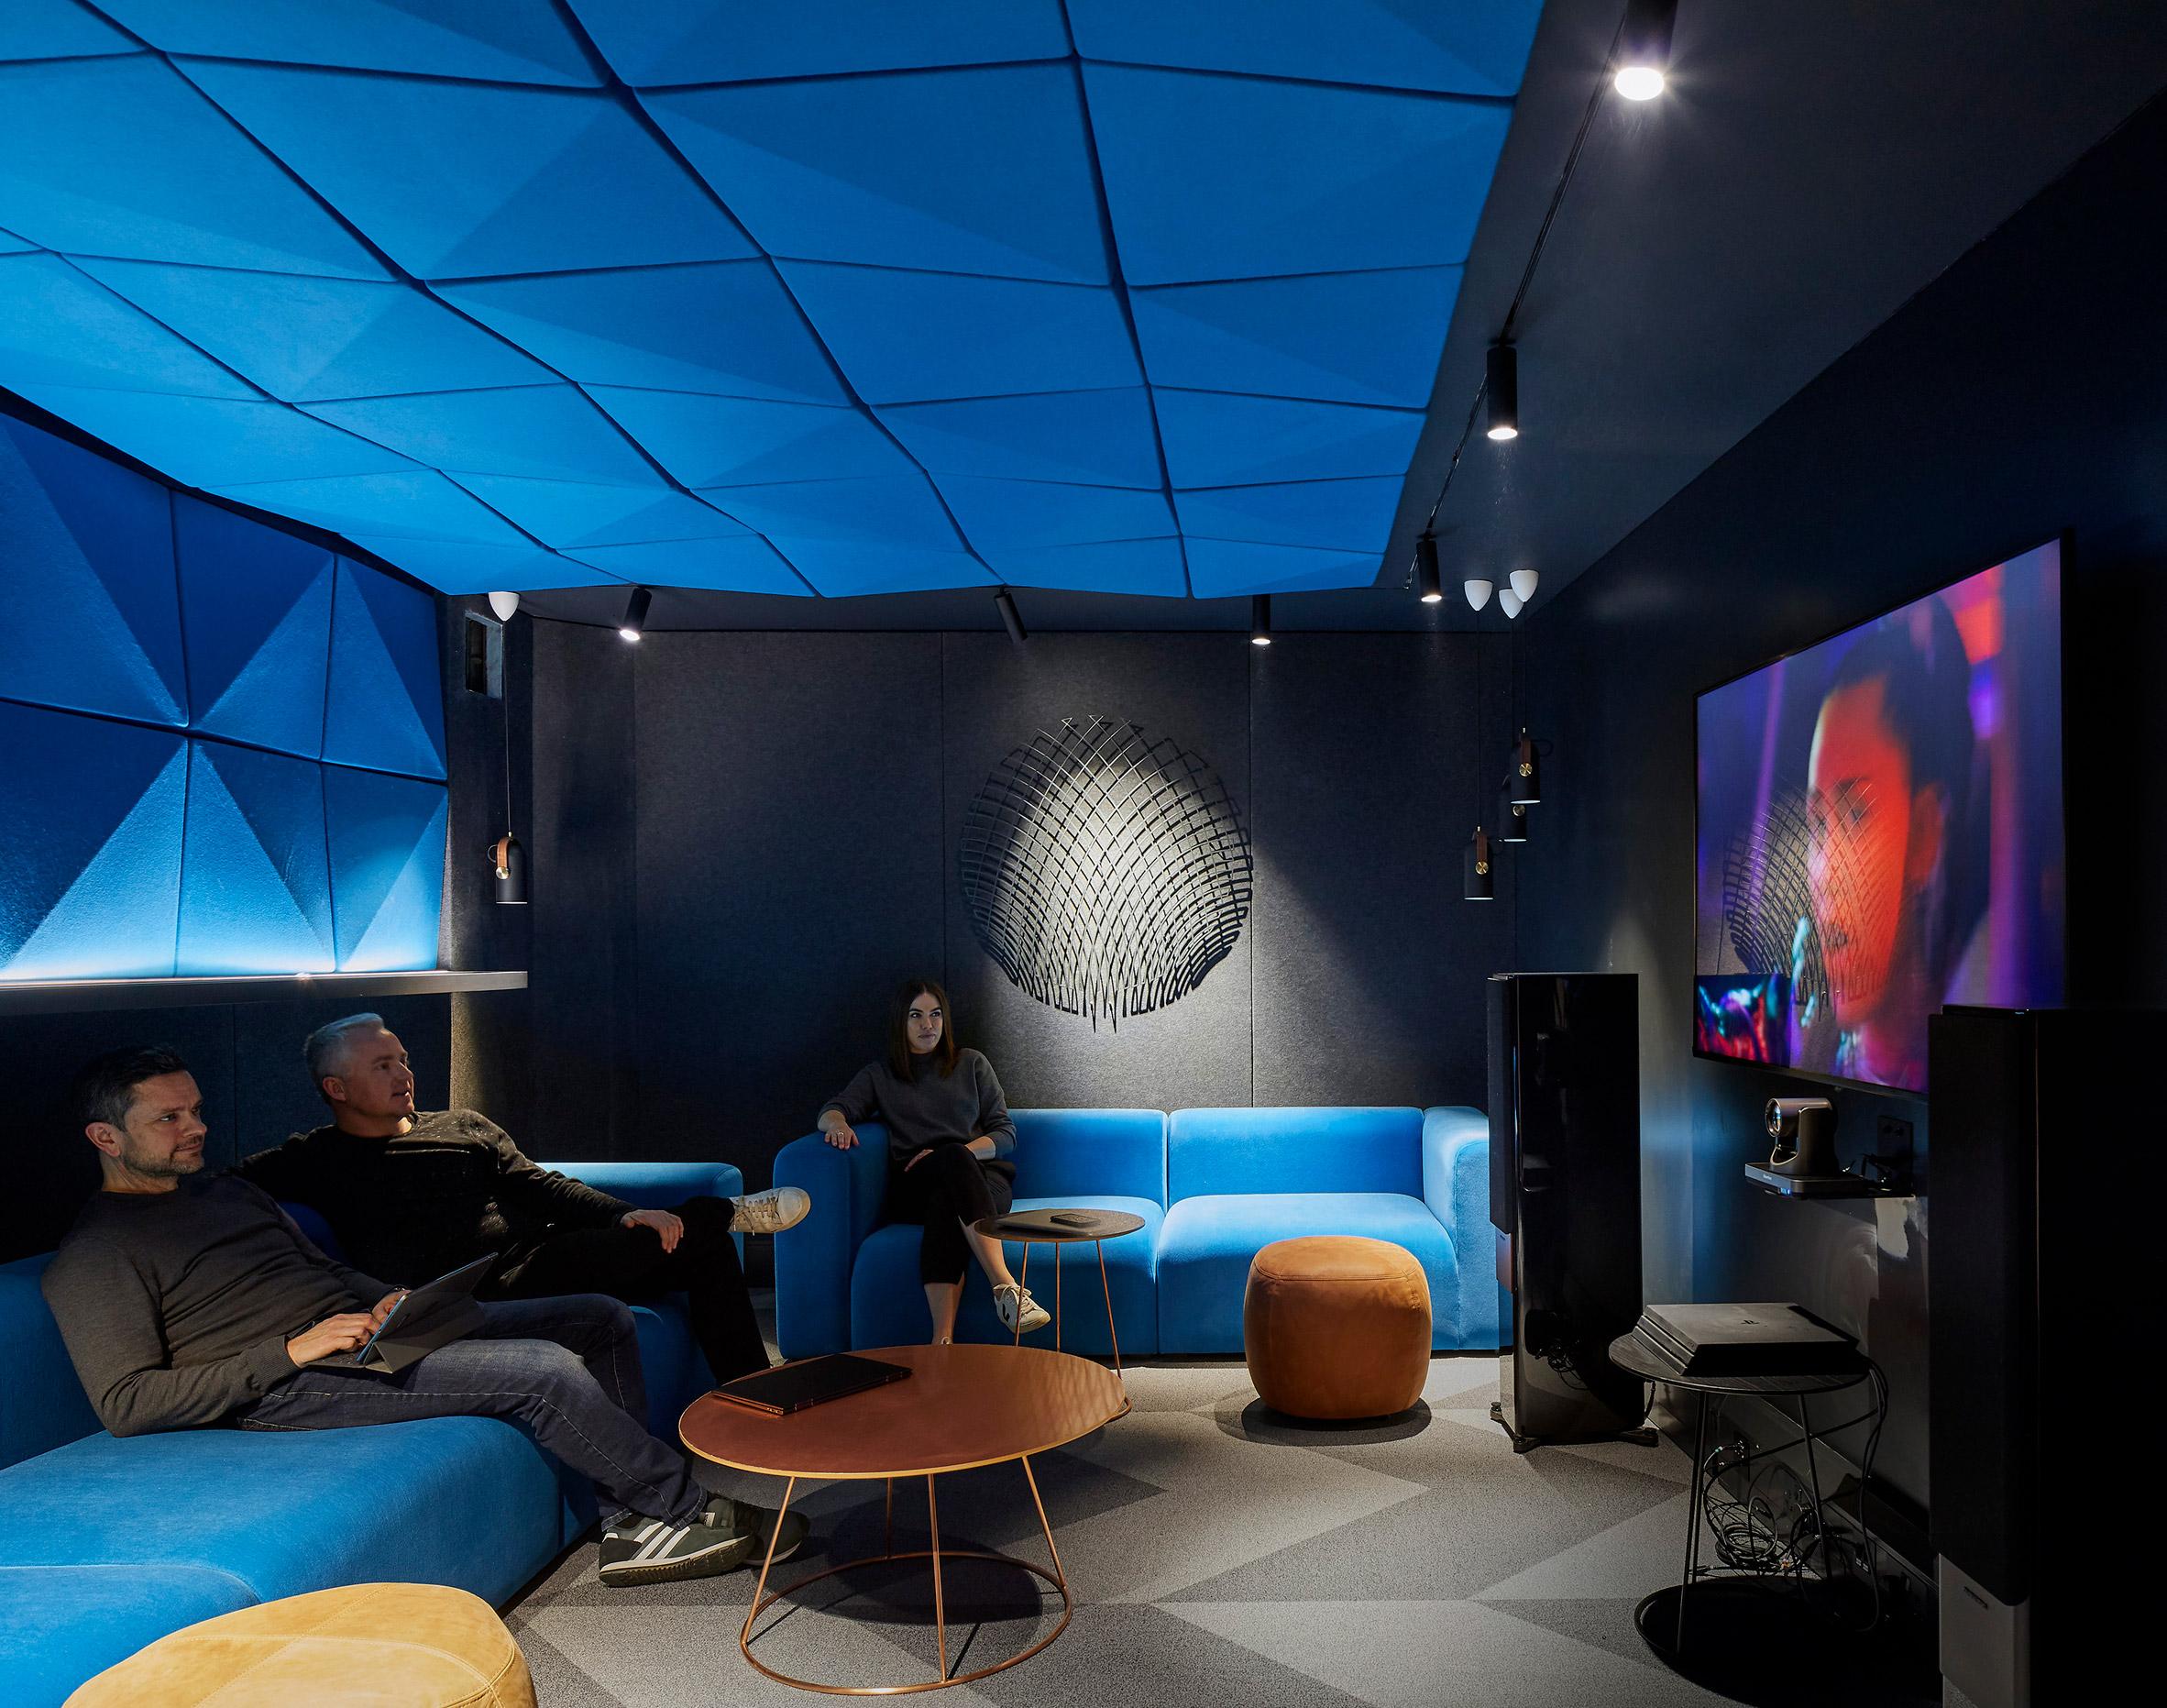 ADAPTASI KENYAMANAN RUMAH UNTUK KANTOR SPOTIFY DSGNTALK INTERIOR OFFICE DESIGN MUSIC WORK FROM HOME